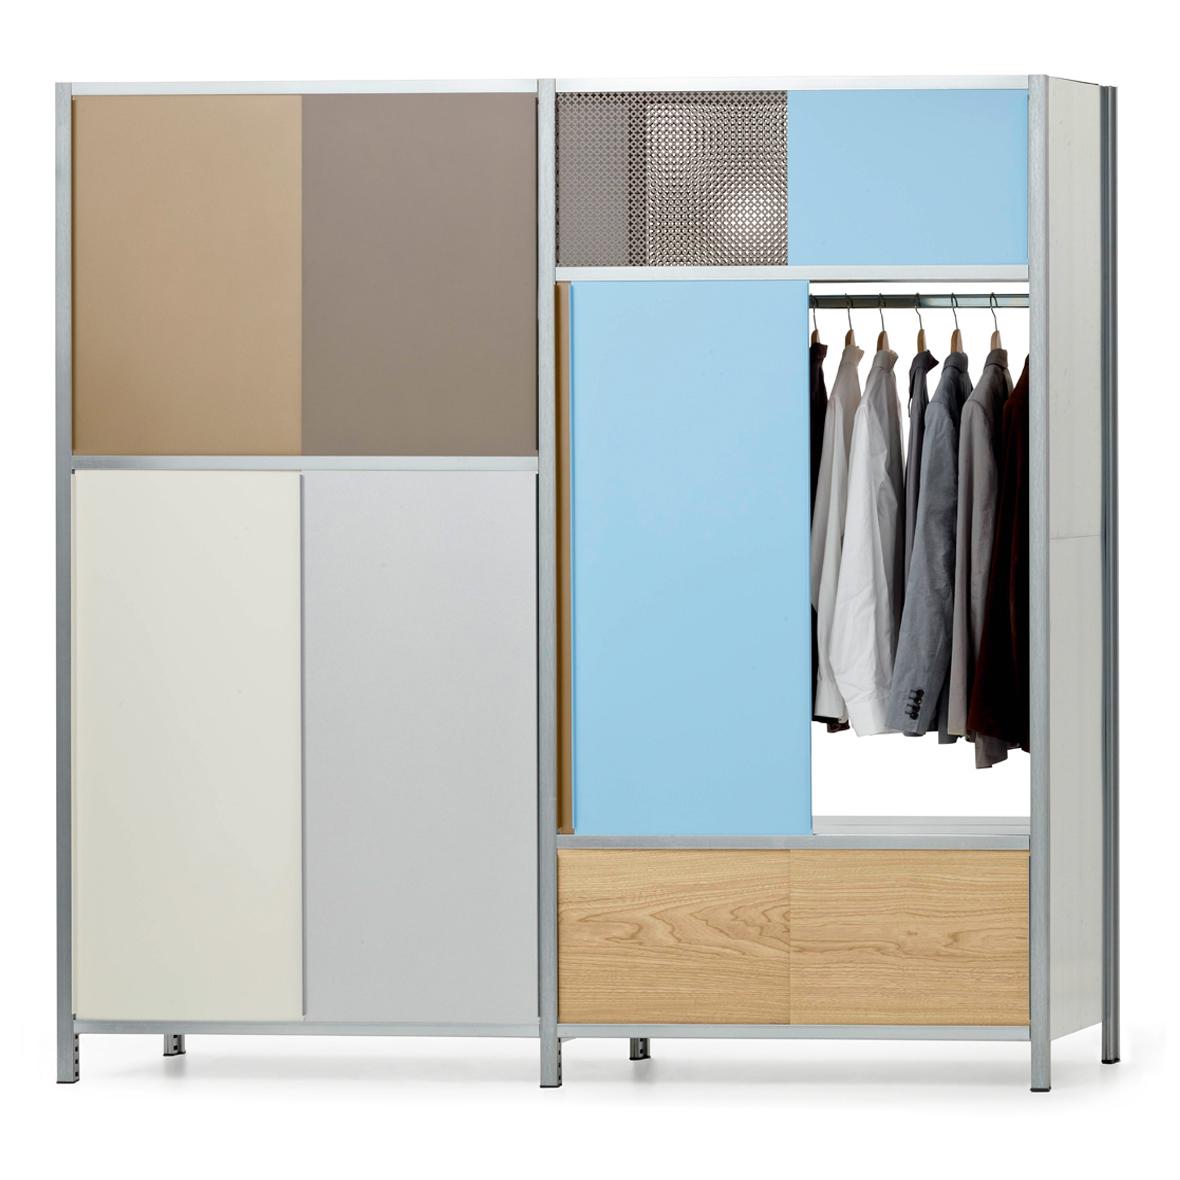 MF-System Doppelregal mit Garderobe